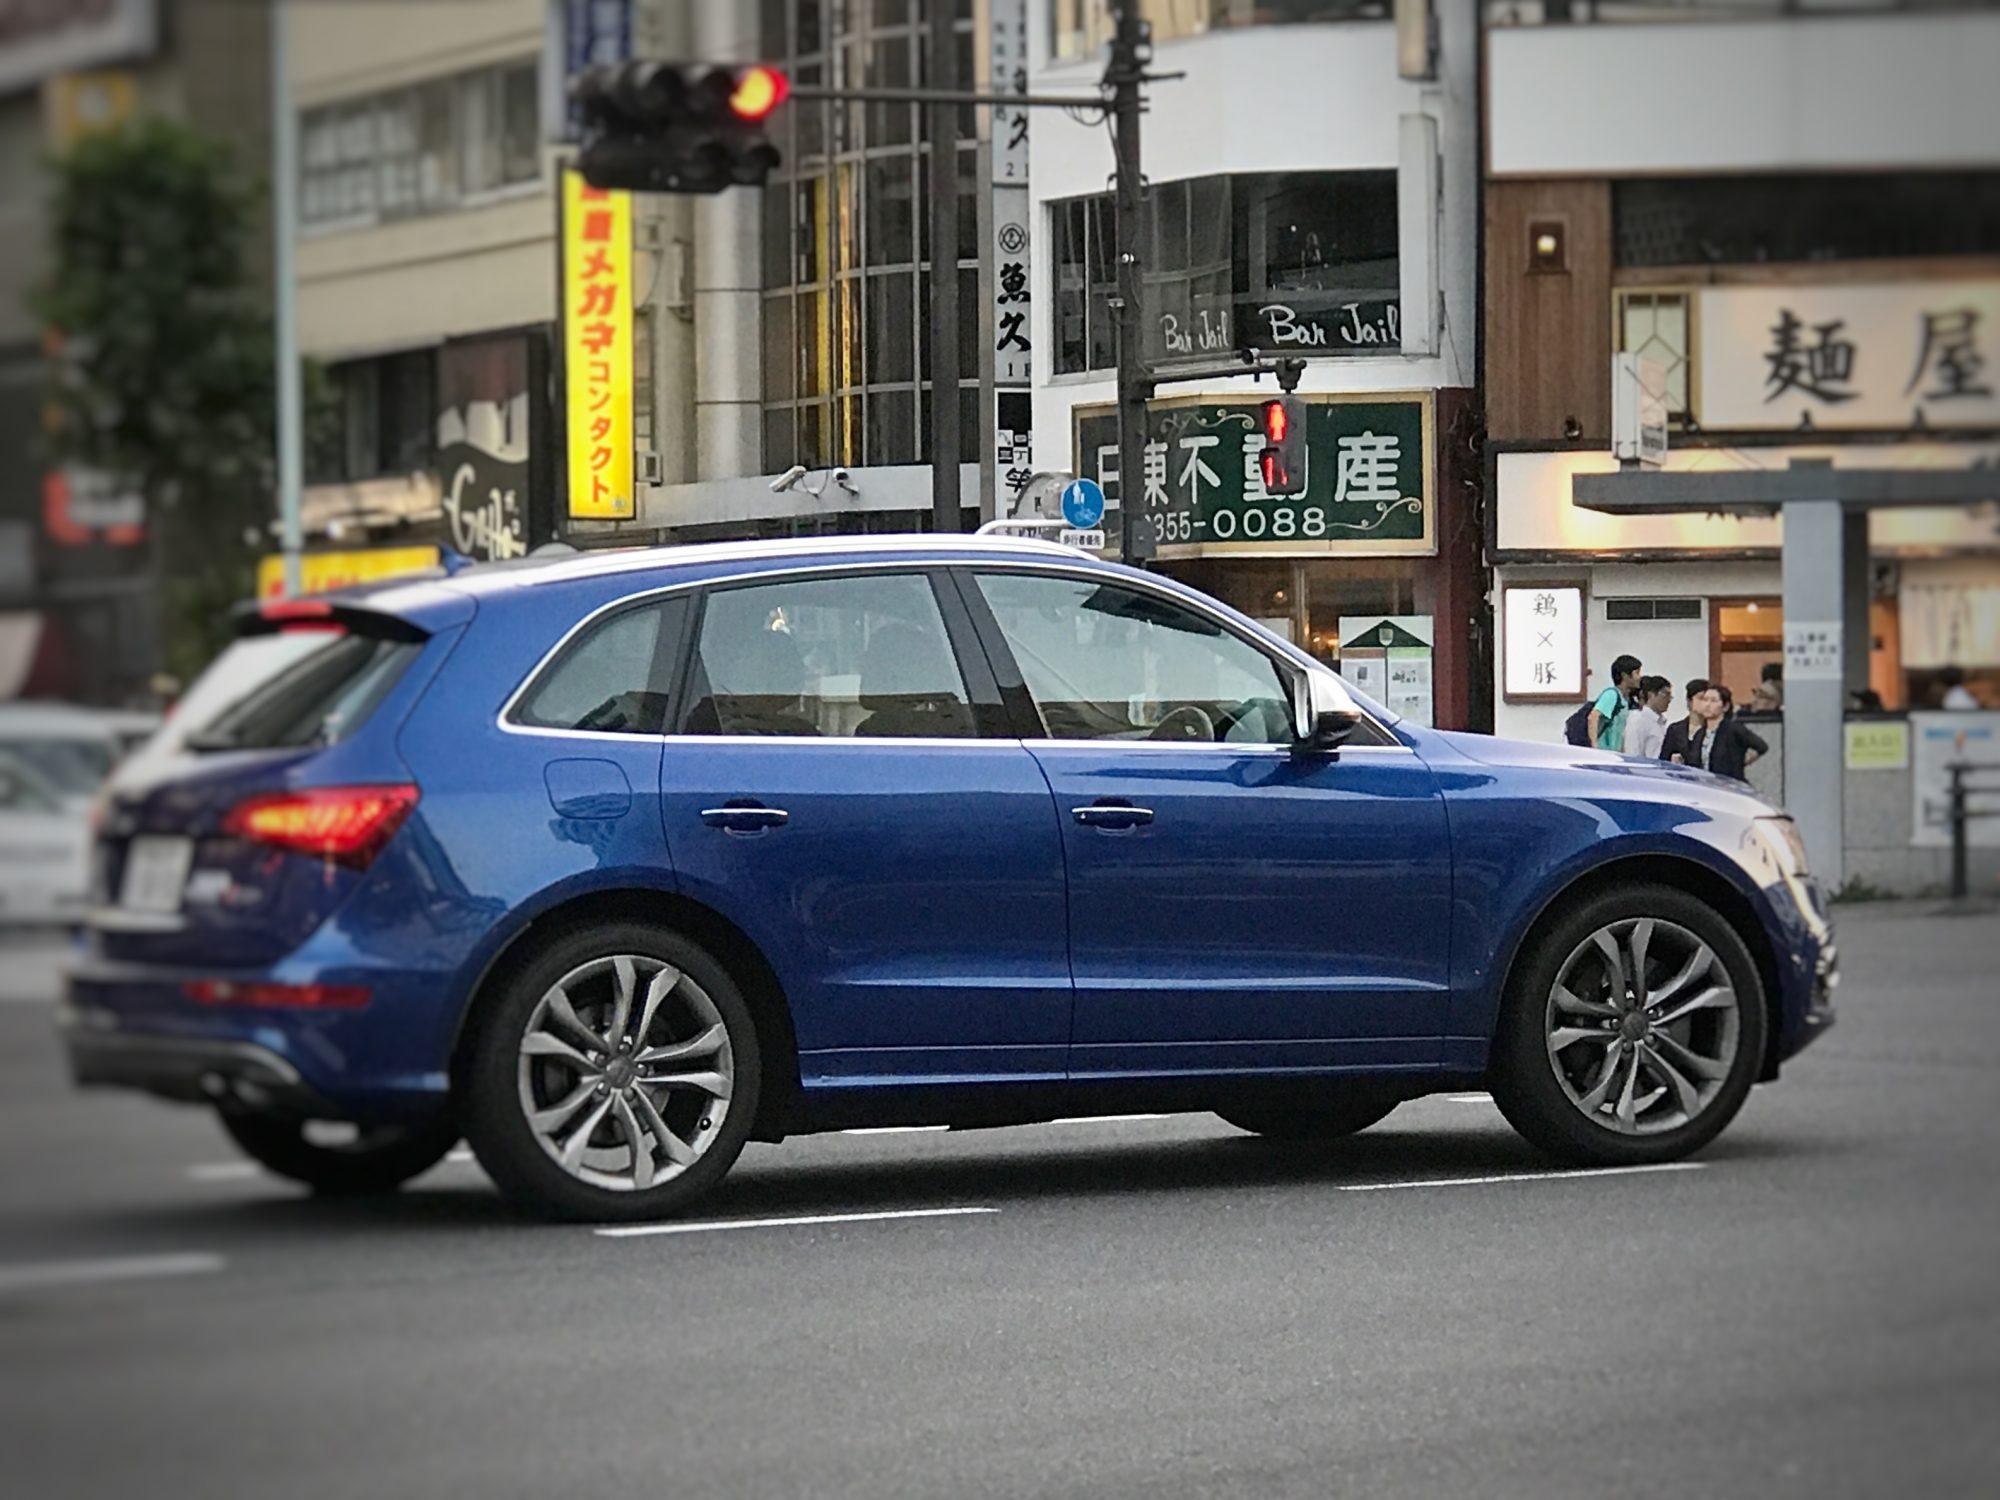 青いかっこいい車